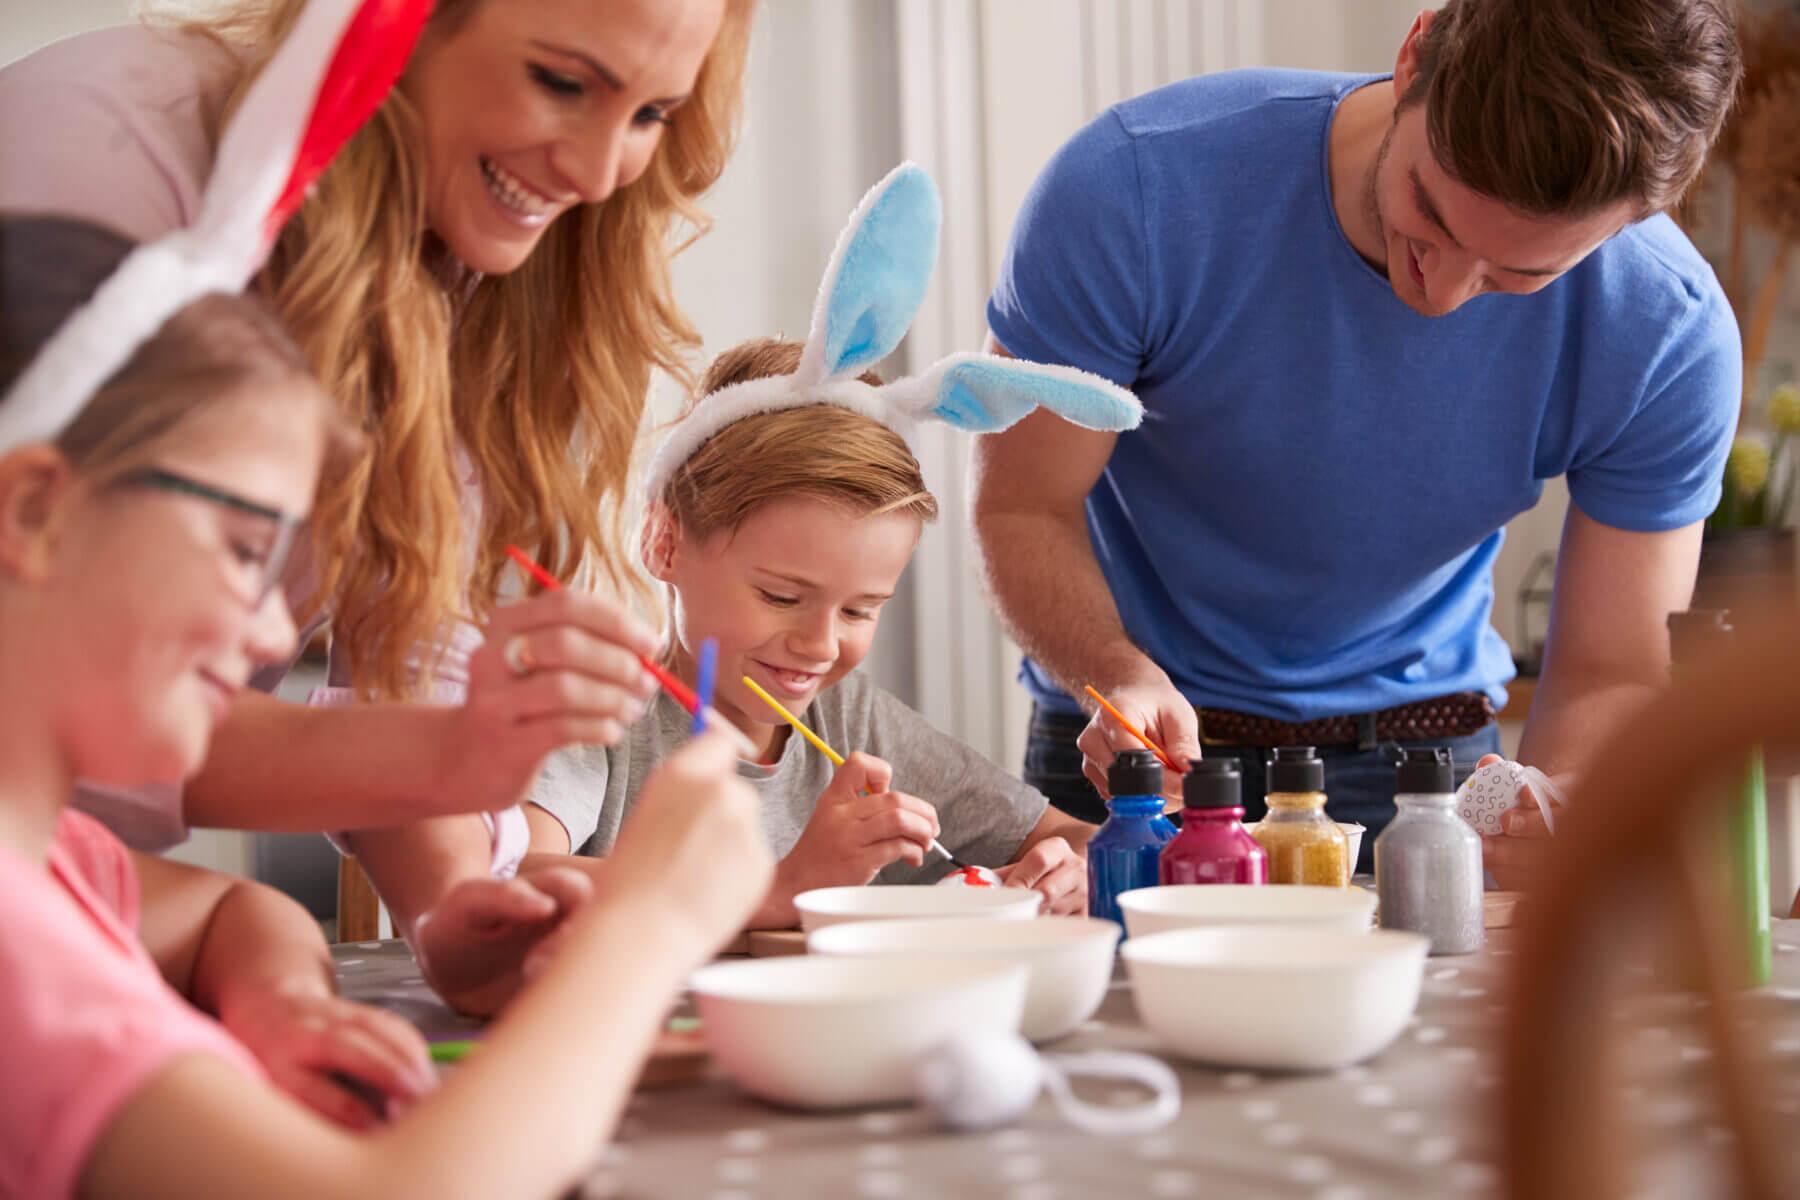 Pomysły na zabawę z dziećmi w czterech ścianach